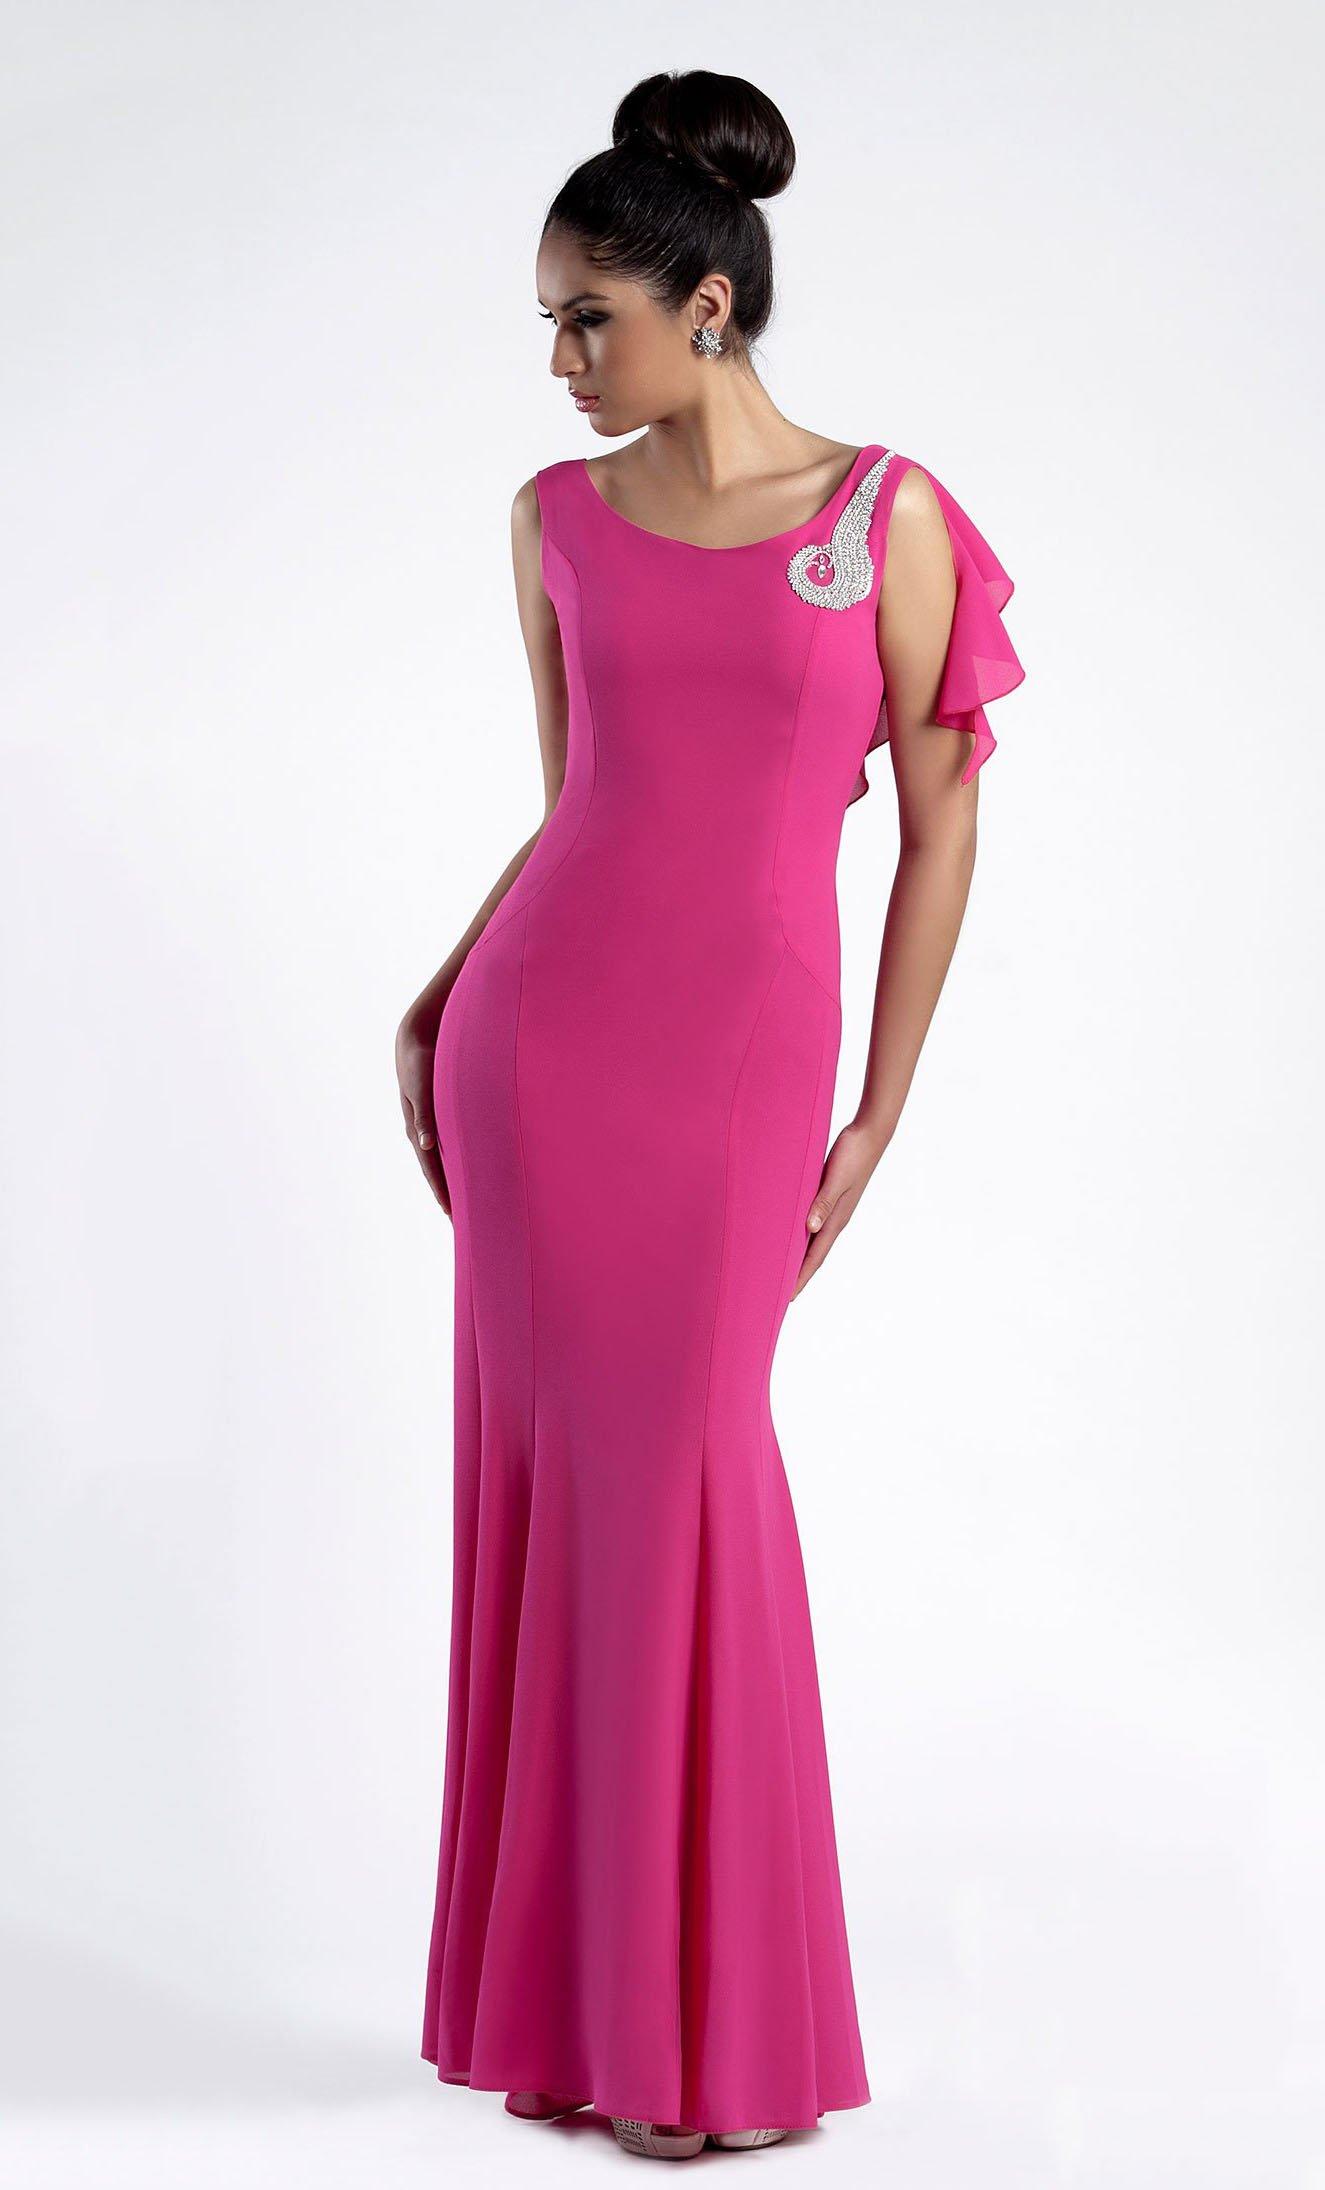 OUTLET - Vestidos de Fiesta baratos > TALLAS 44 - Carmen Horneros